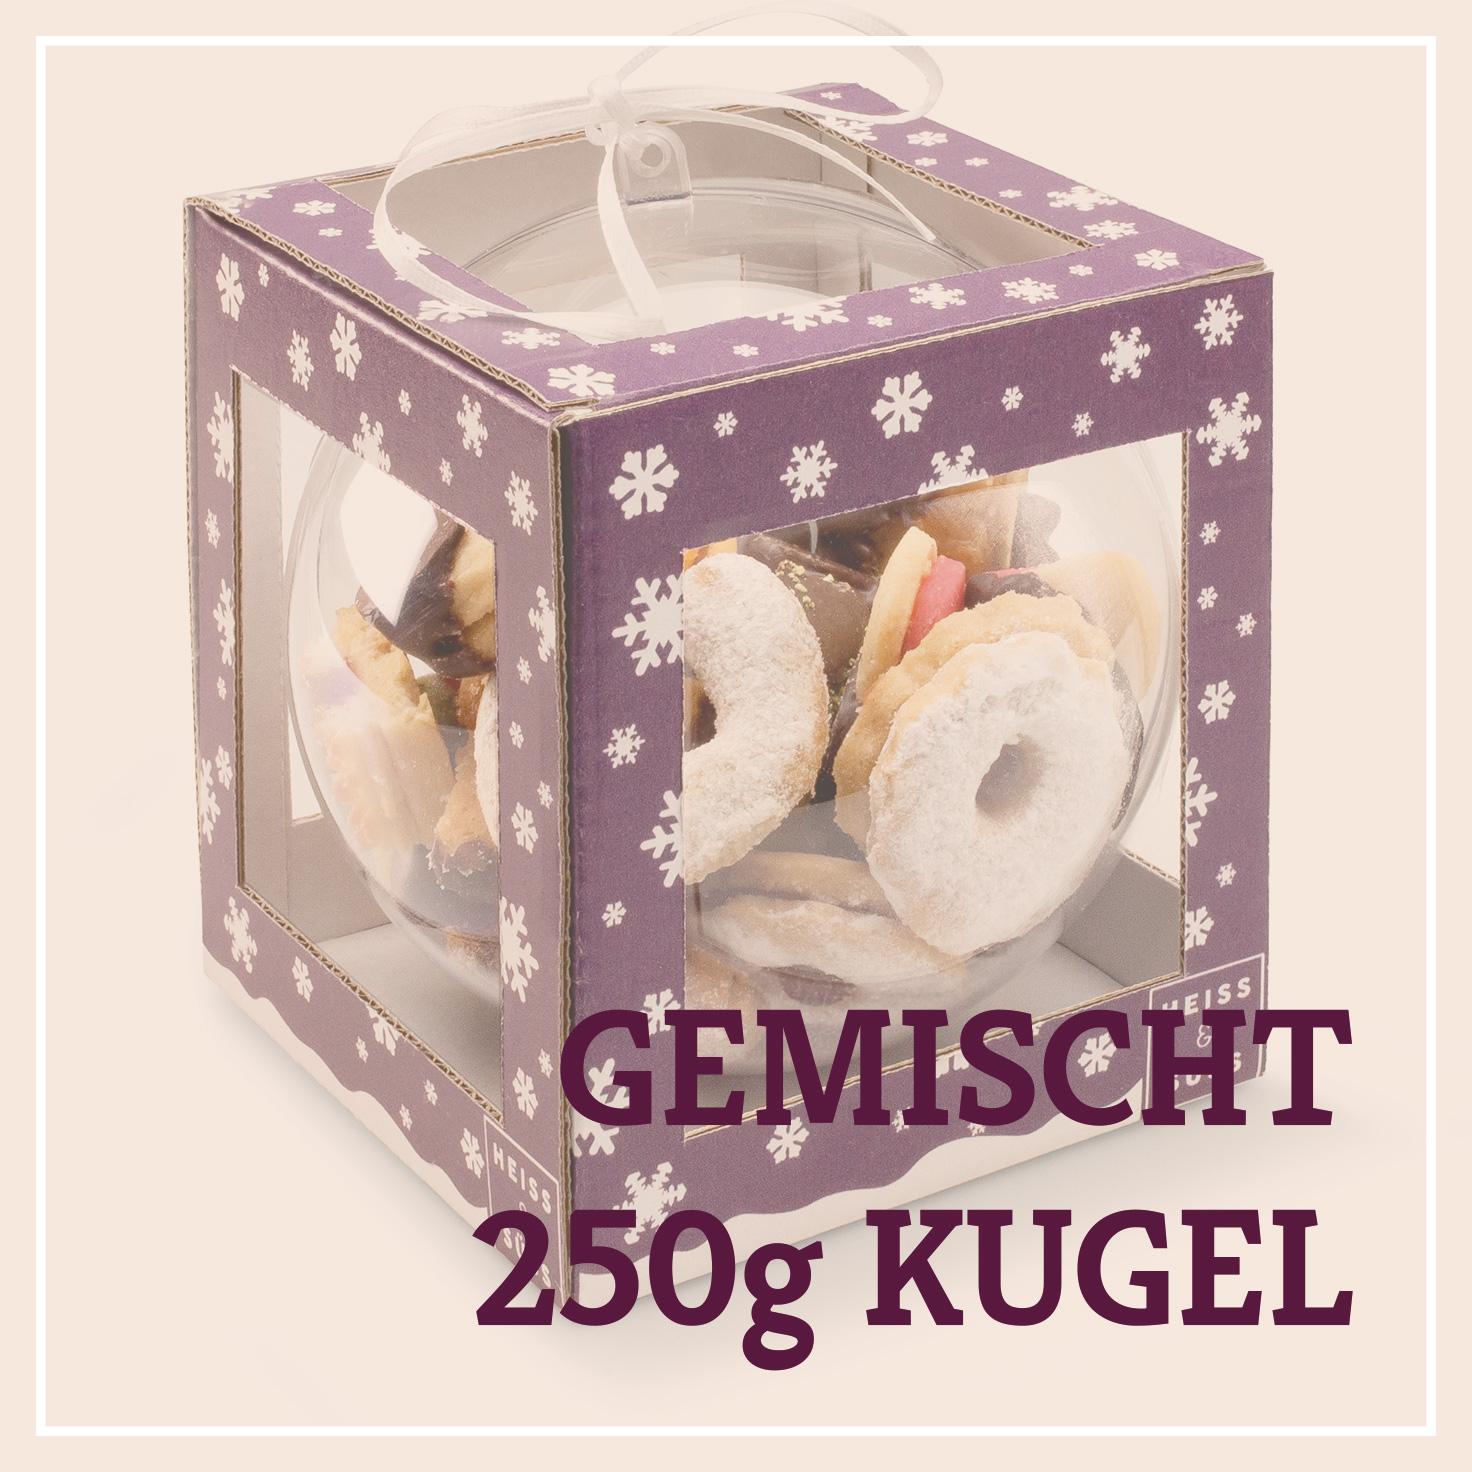 Heiss & Süß - Teebäckerei Kugel 250g